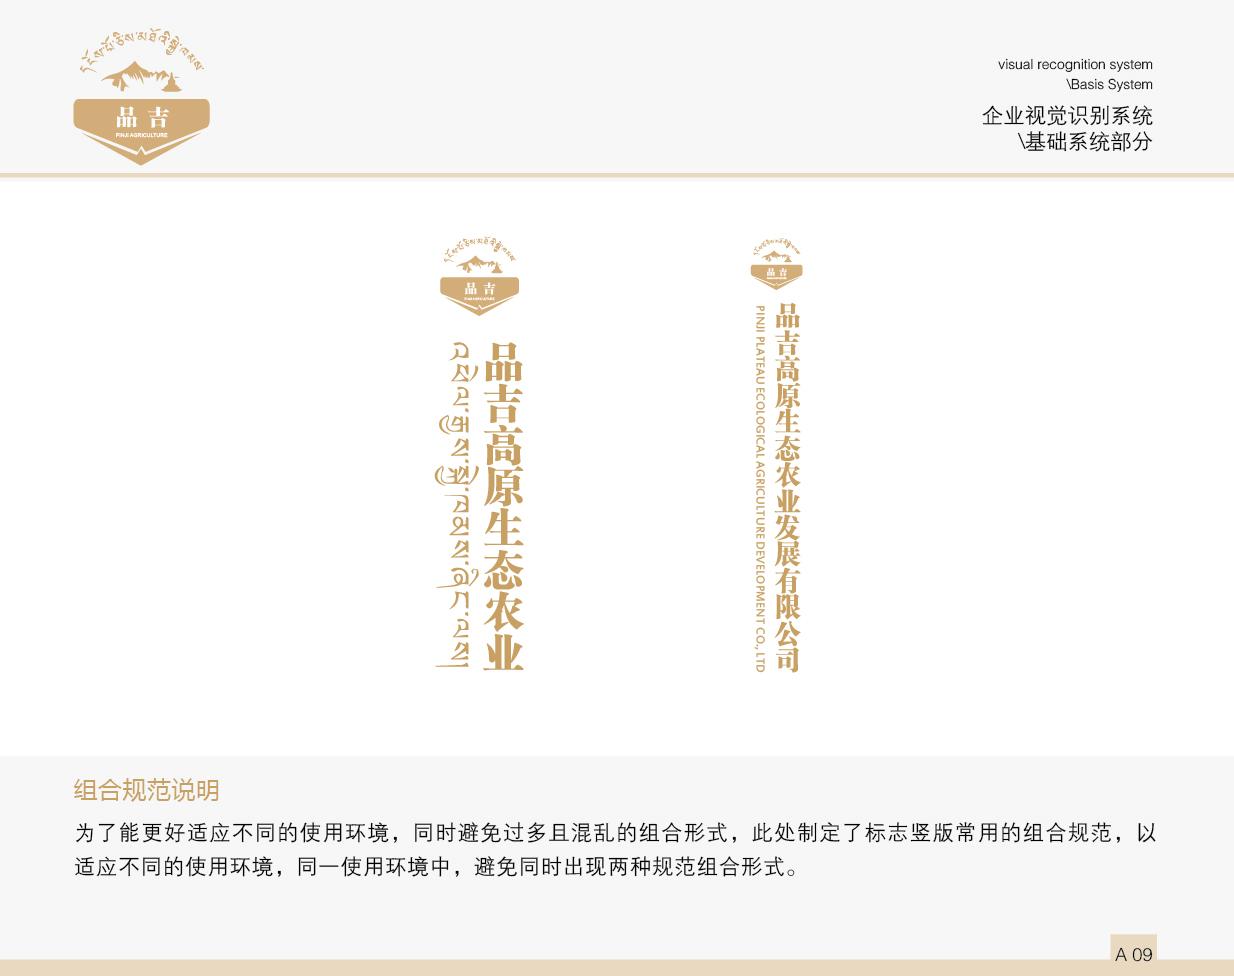 品吉农业VI 基础系统部分  客户资料  第10张